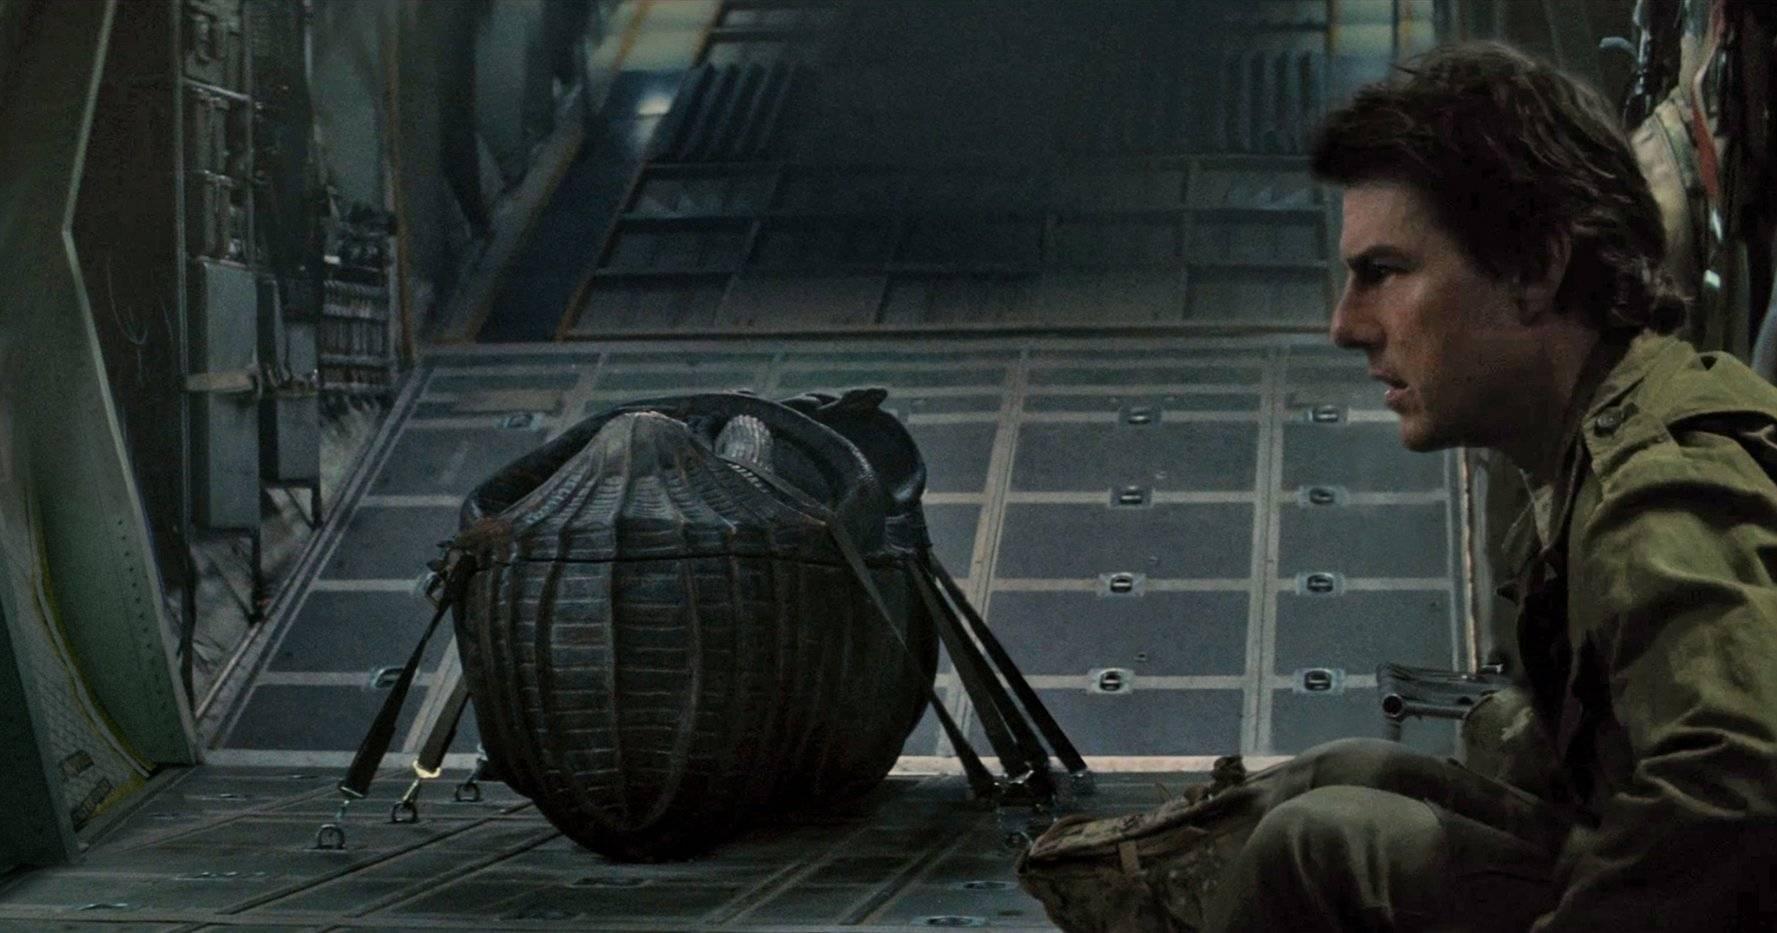 «Не фильм, а пилотный эпизод сериала»: появились первые отзывы на новую «Мумию» с Томом Крузом